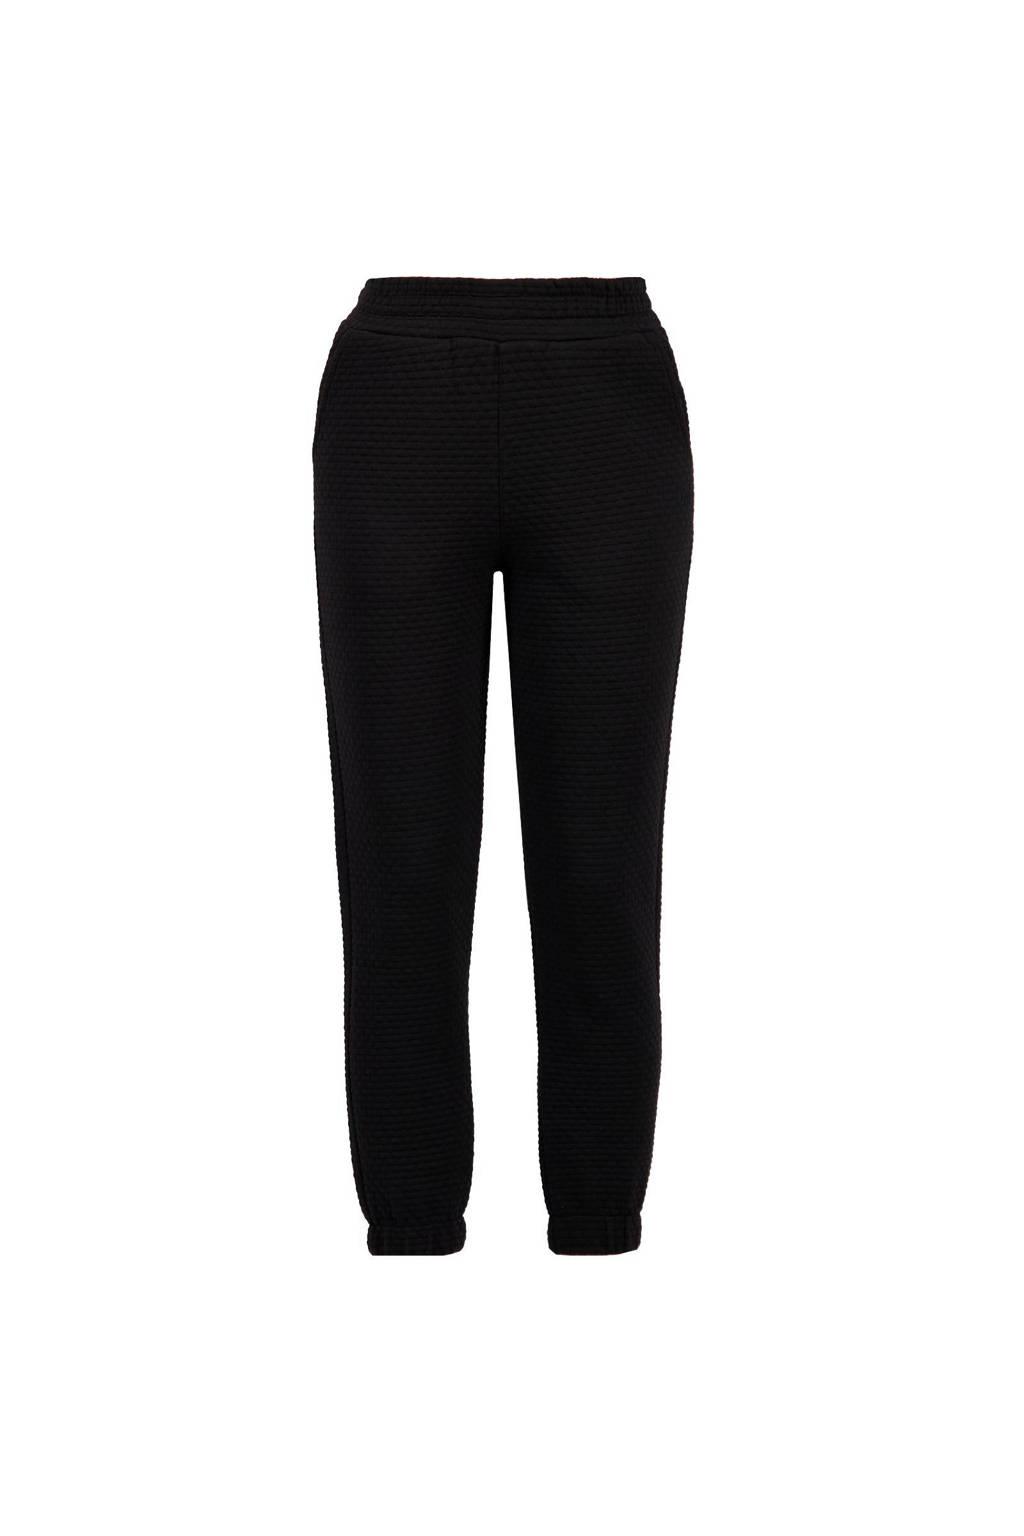 Raizzed regular fit broek SIL 944 deep black, 944 Deep Black